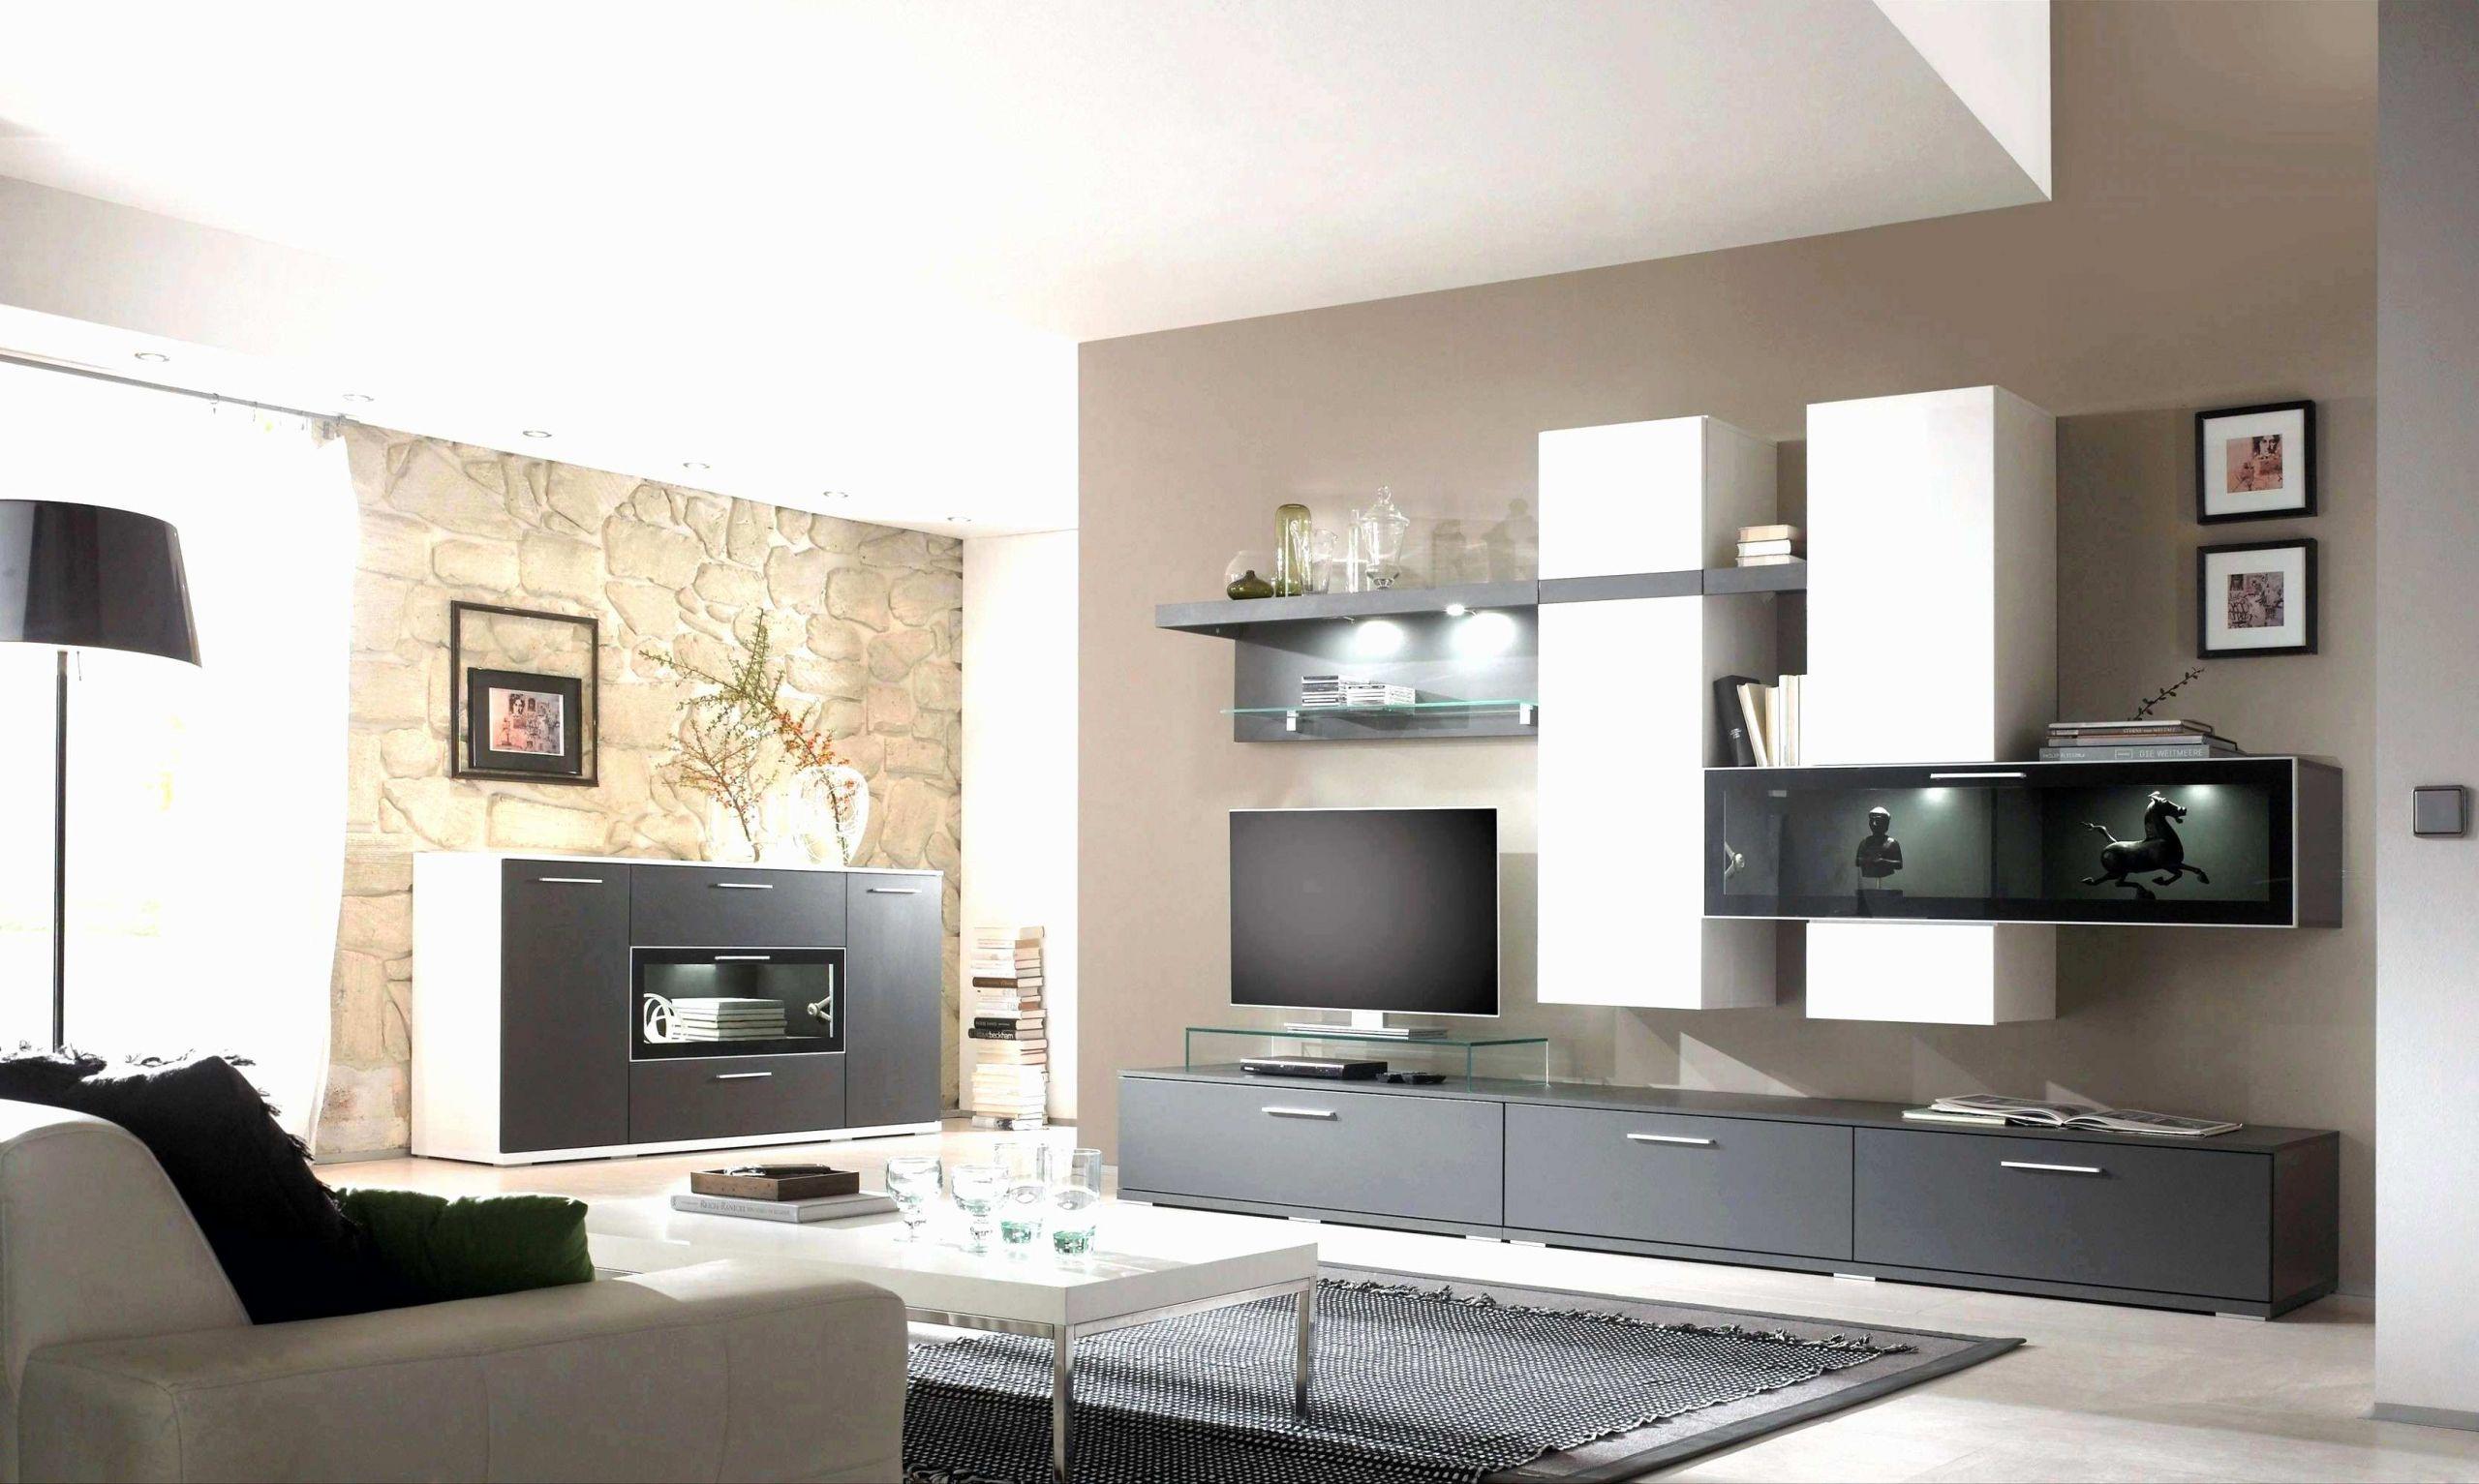 Pflanzen Deko Ideen Neu Dekoration Wohnzimmer Modern Reizend Best Pflanzen